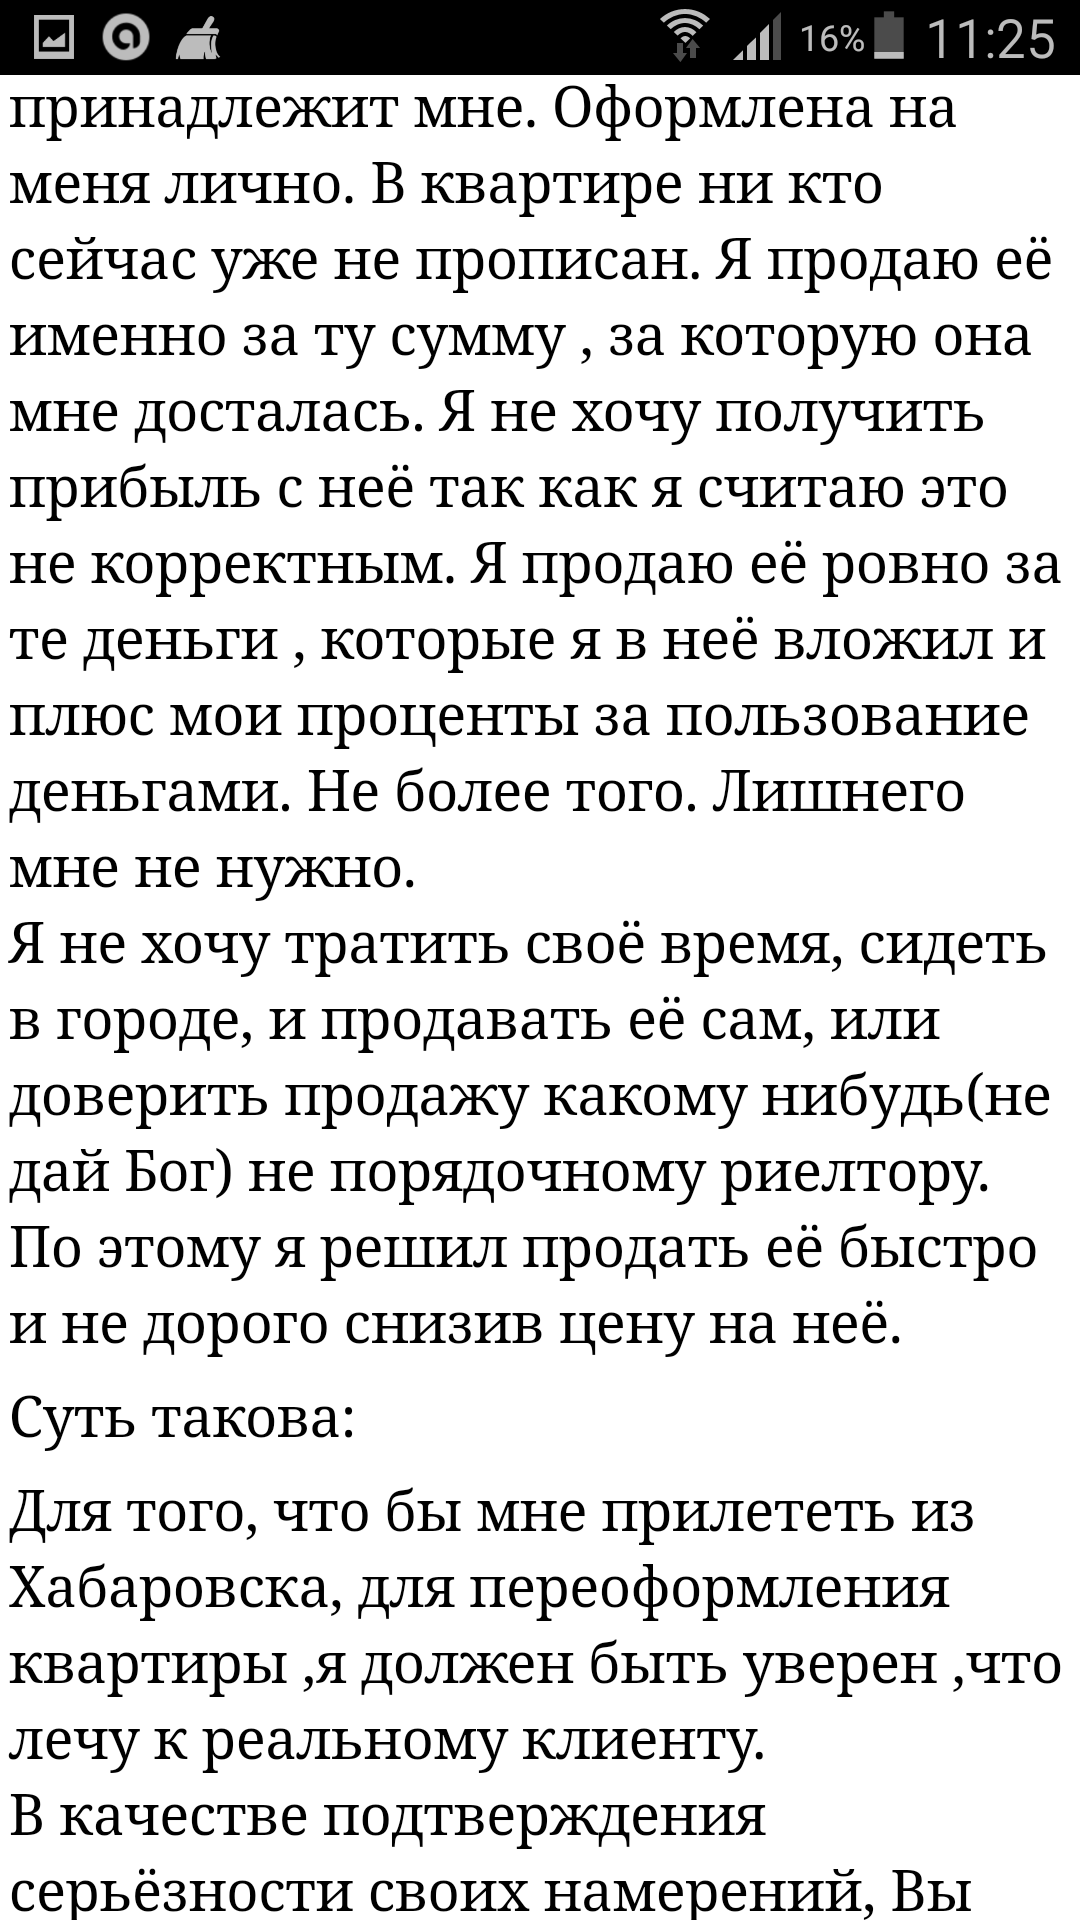 мошенническая схема продажи авто из белоруссии